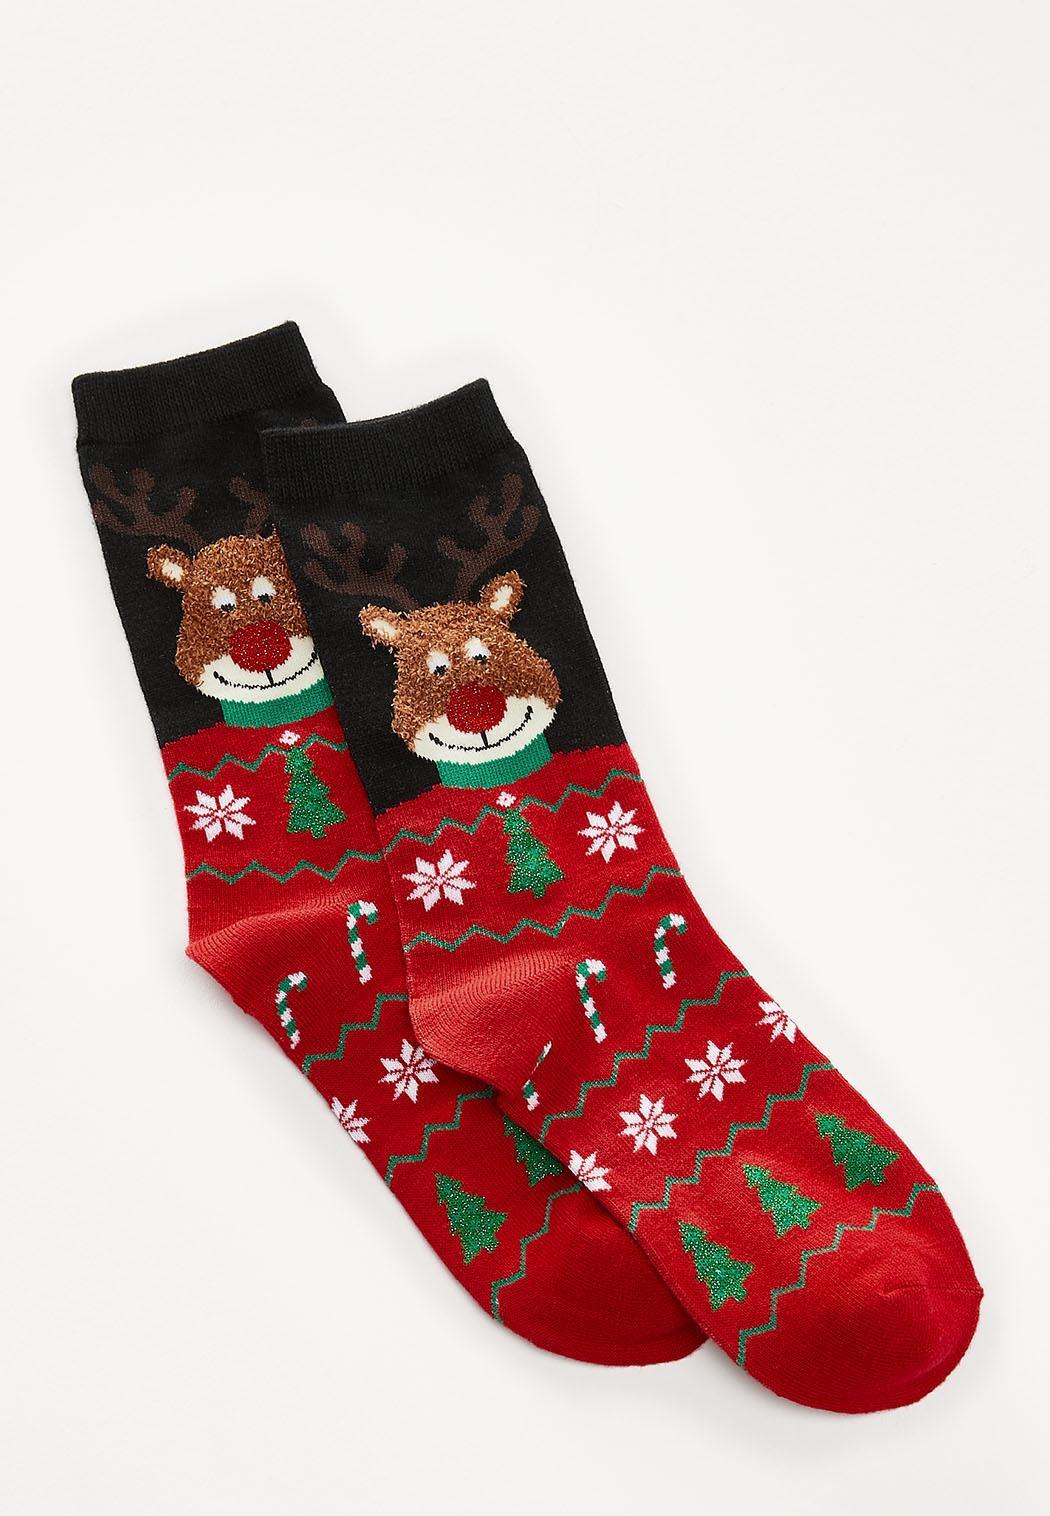 Festive Rudolph Socks